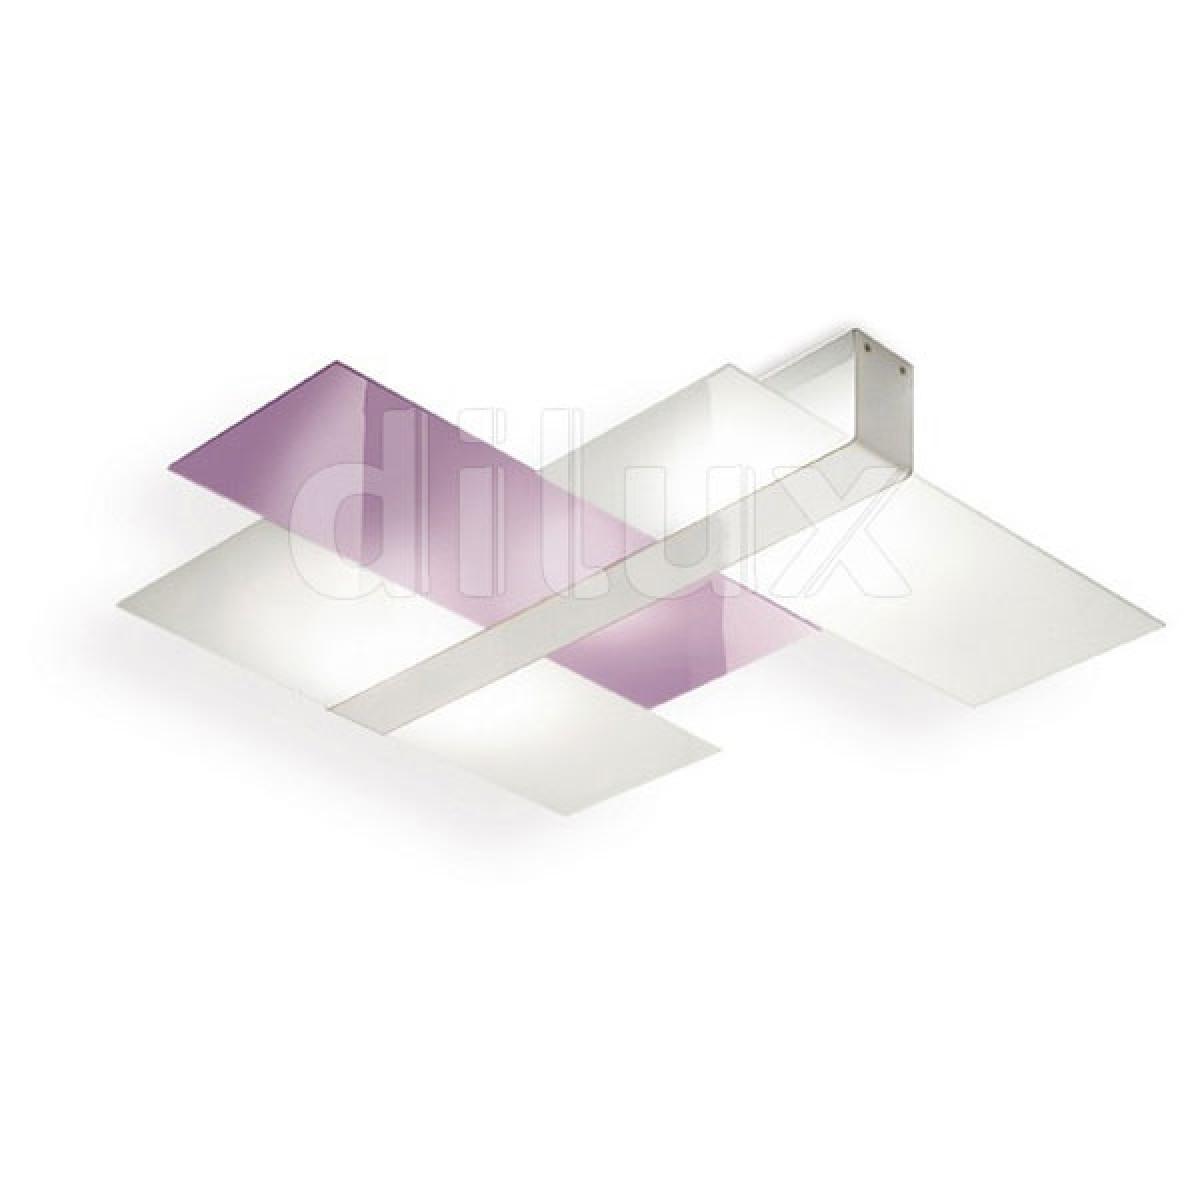 Soffitto Bianco E Parete Colorata: Soffitto bianco e parete colorata un tocco...